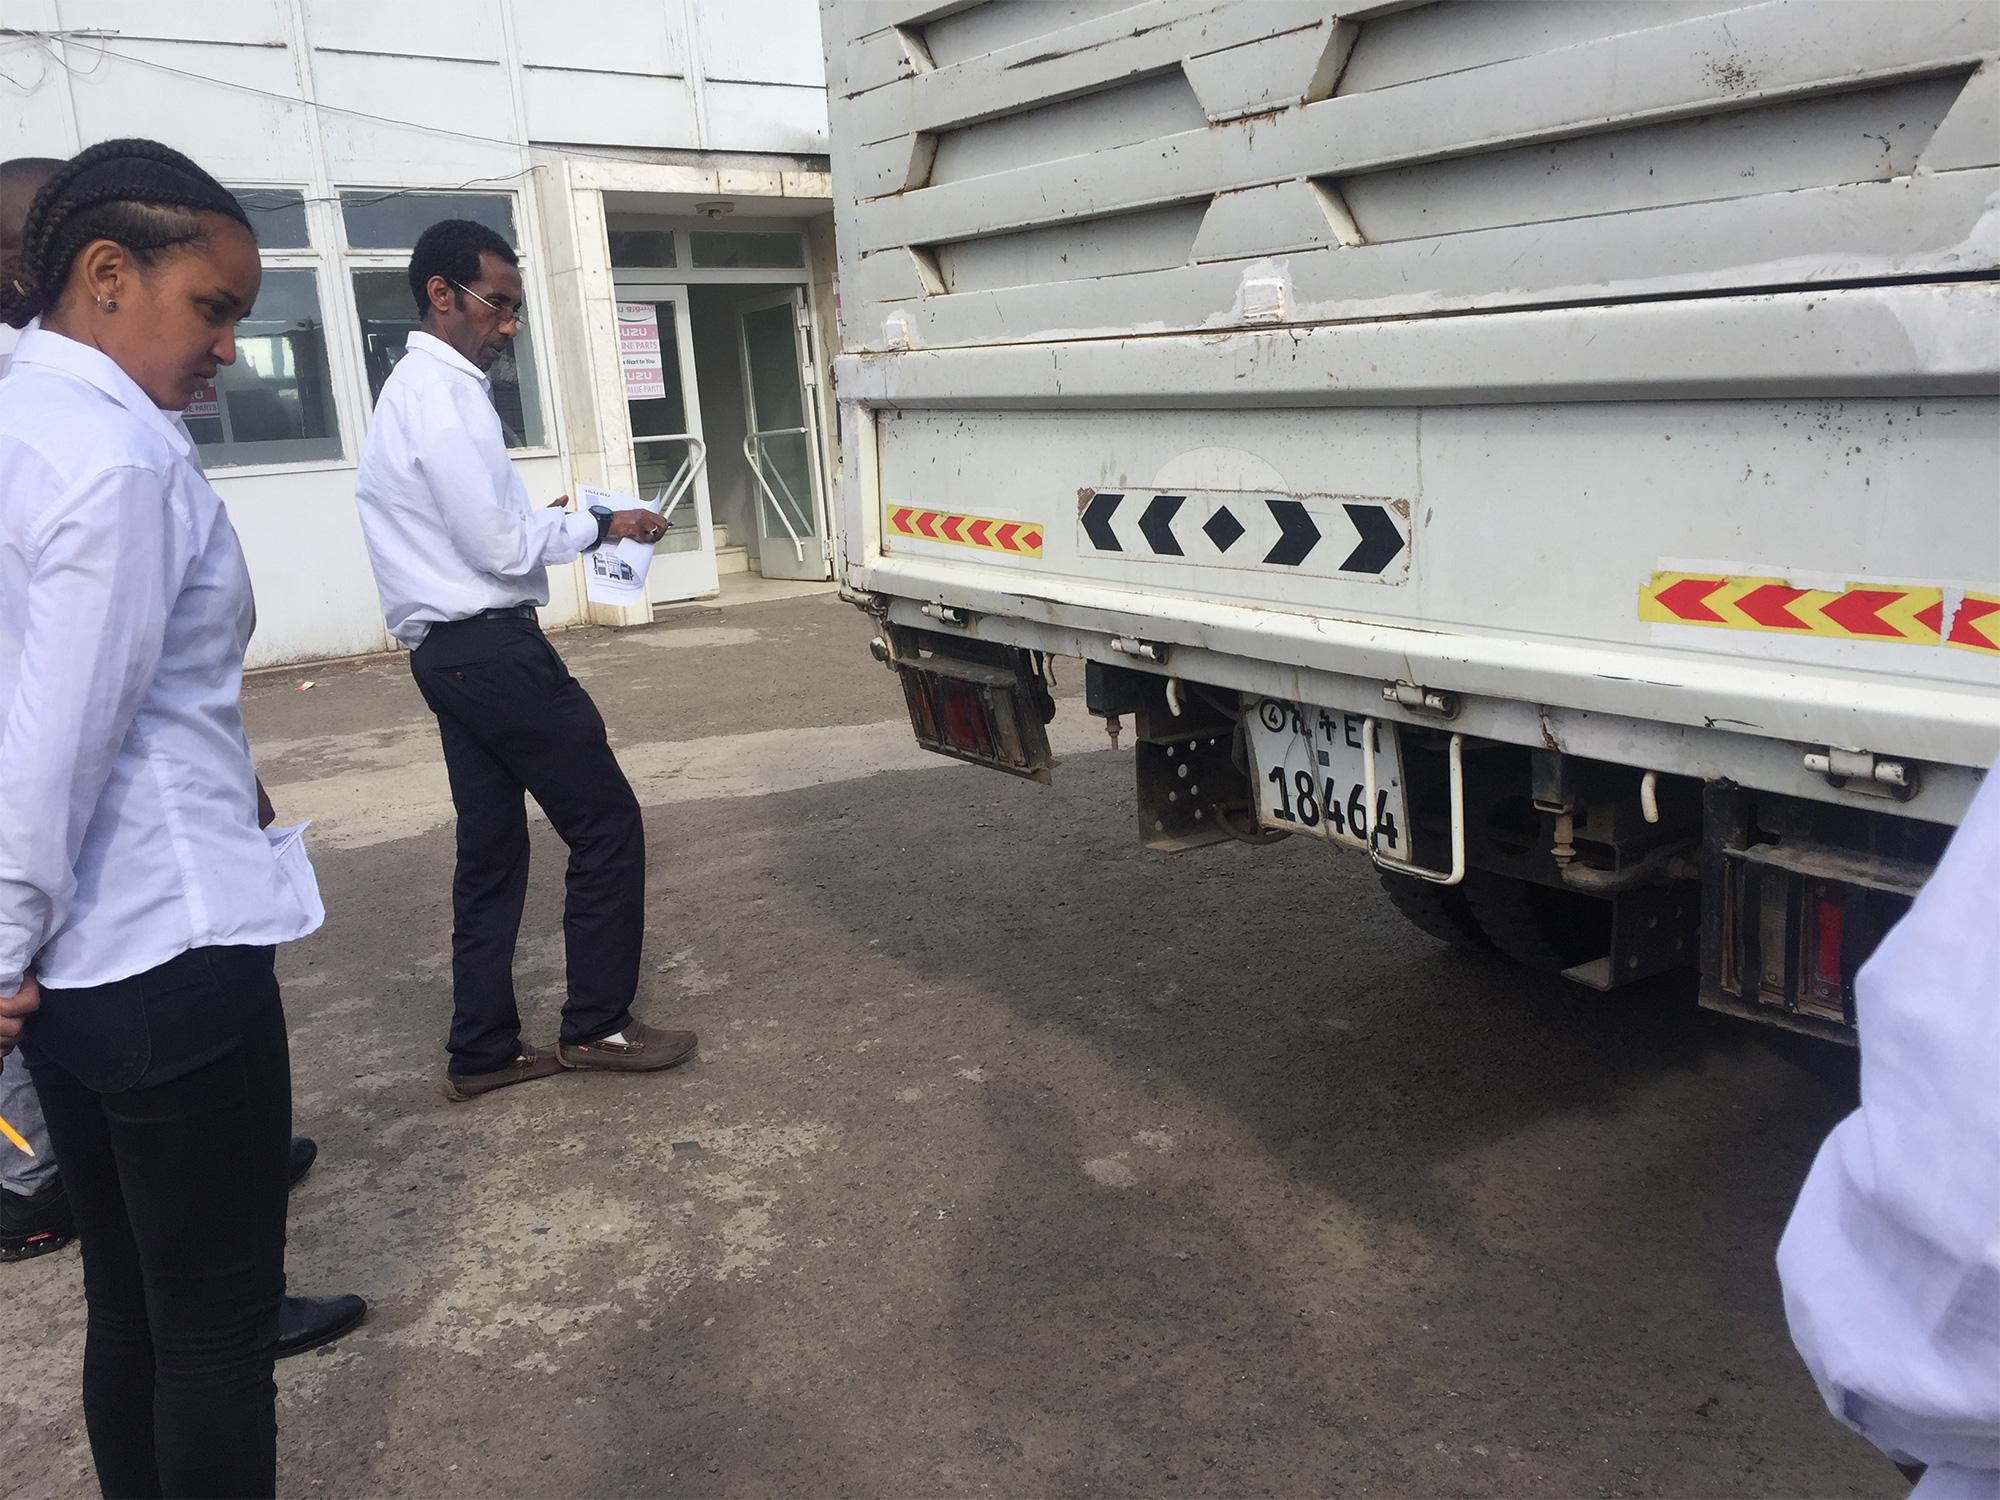 Isuzu Vehicle Receiving for service – Walkaround check